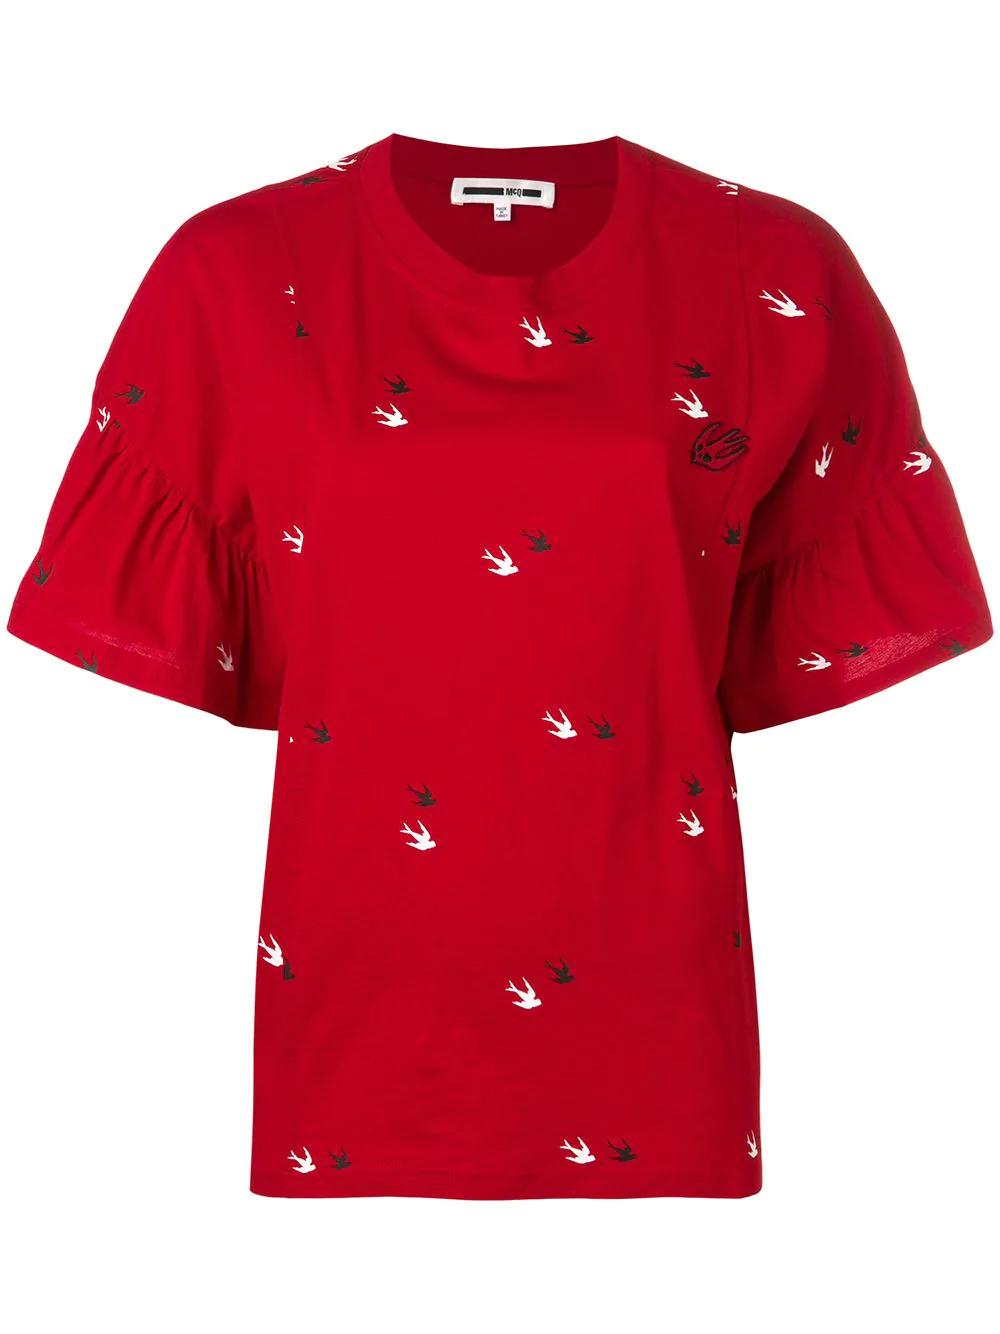 76a58aab2945ba Mcq By Alexander Mcqueen Mcq Alexander Mcqueen Swallow Print T-Shirt - Red